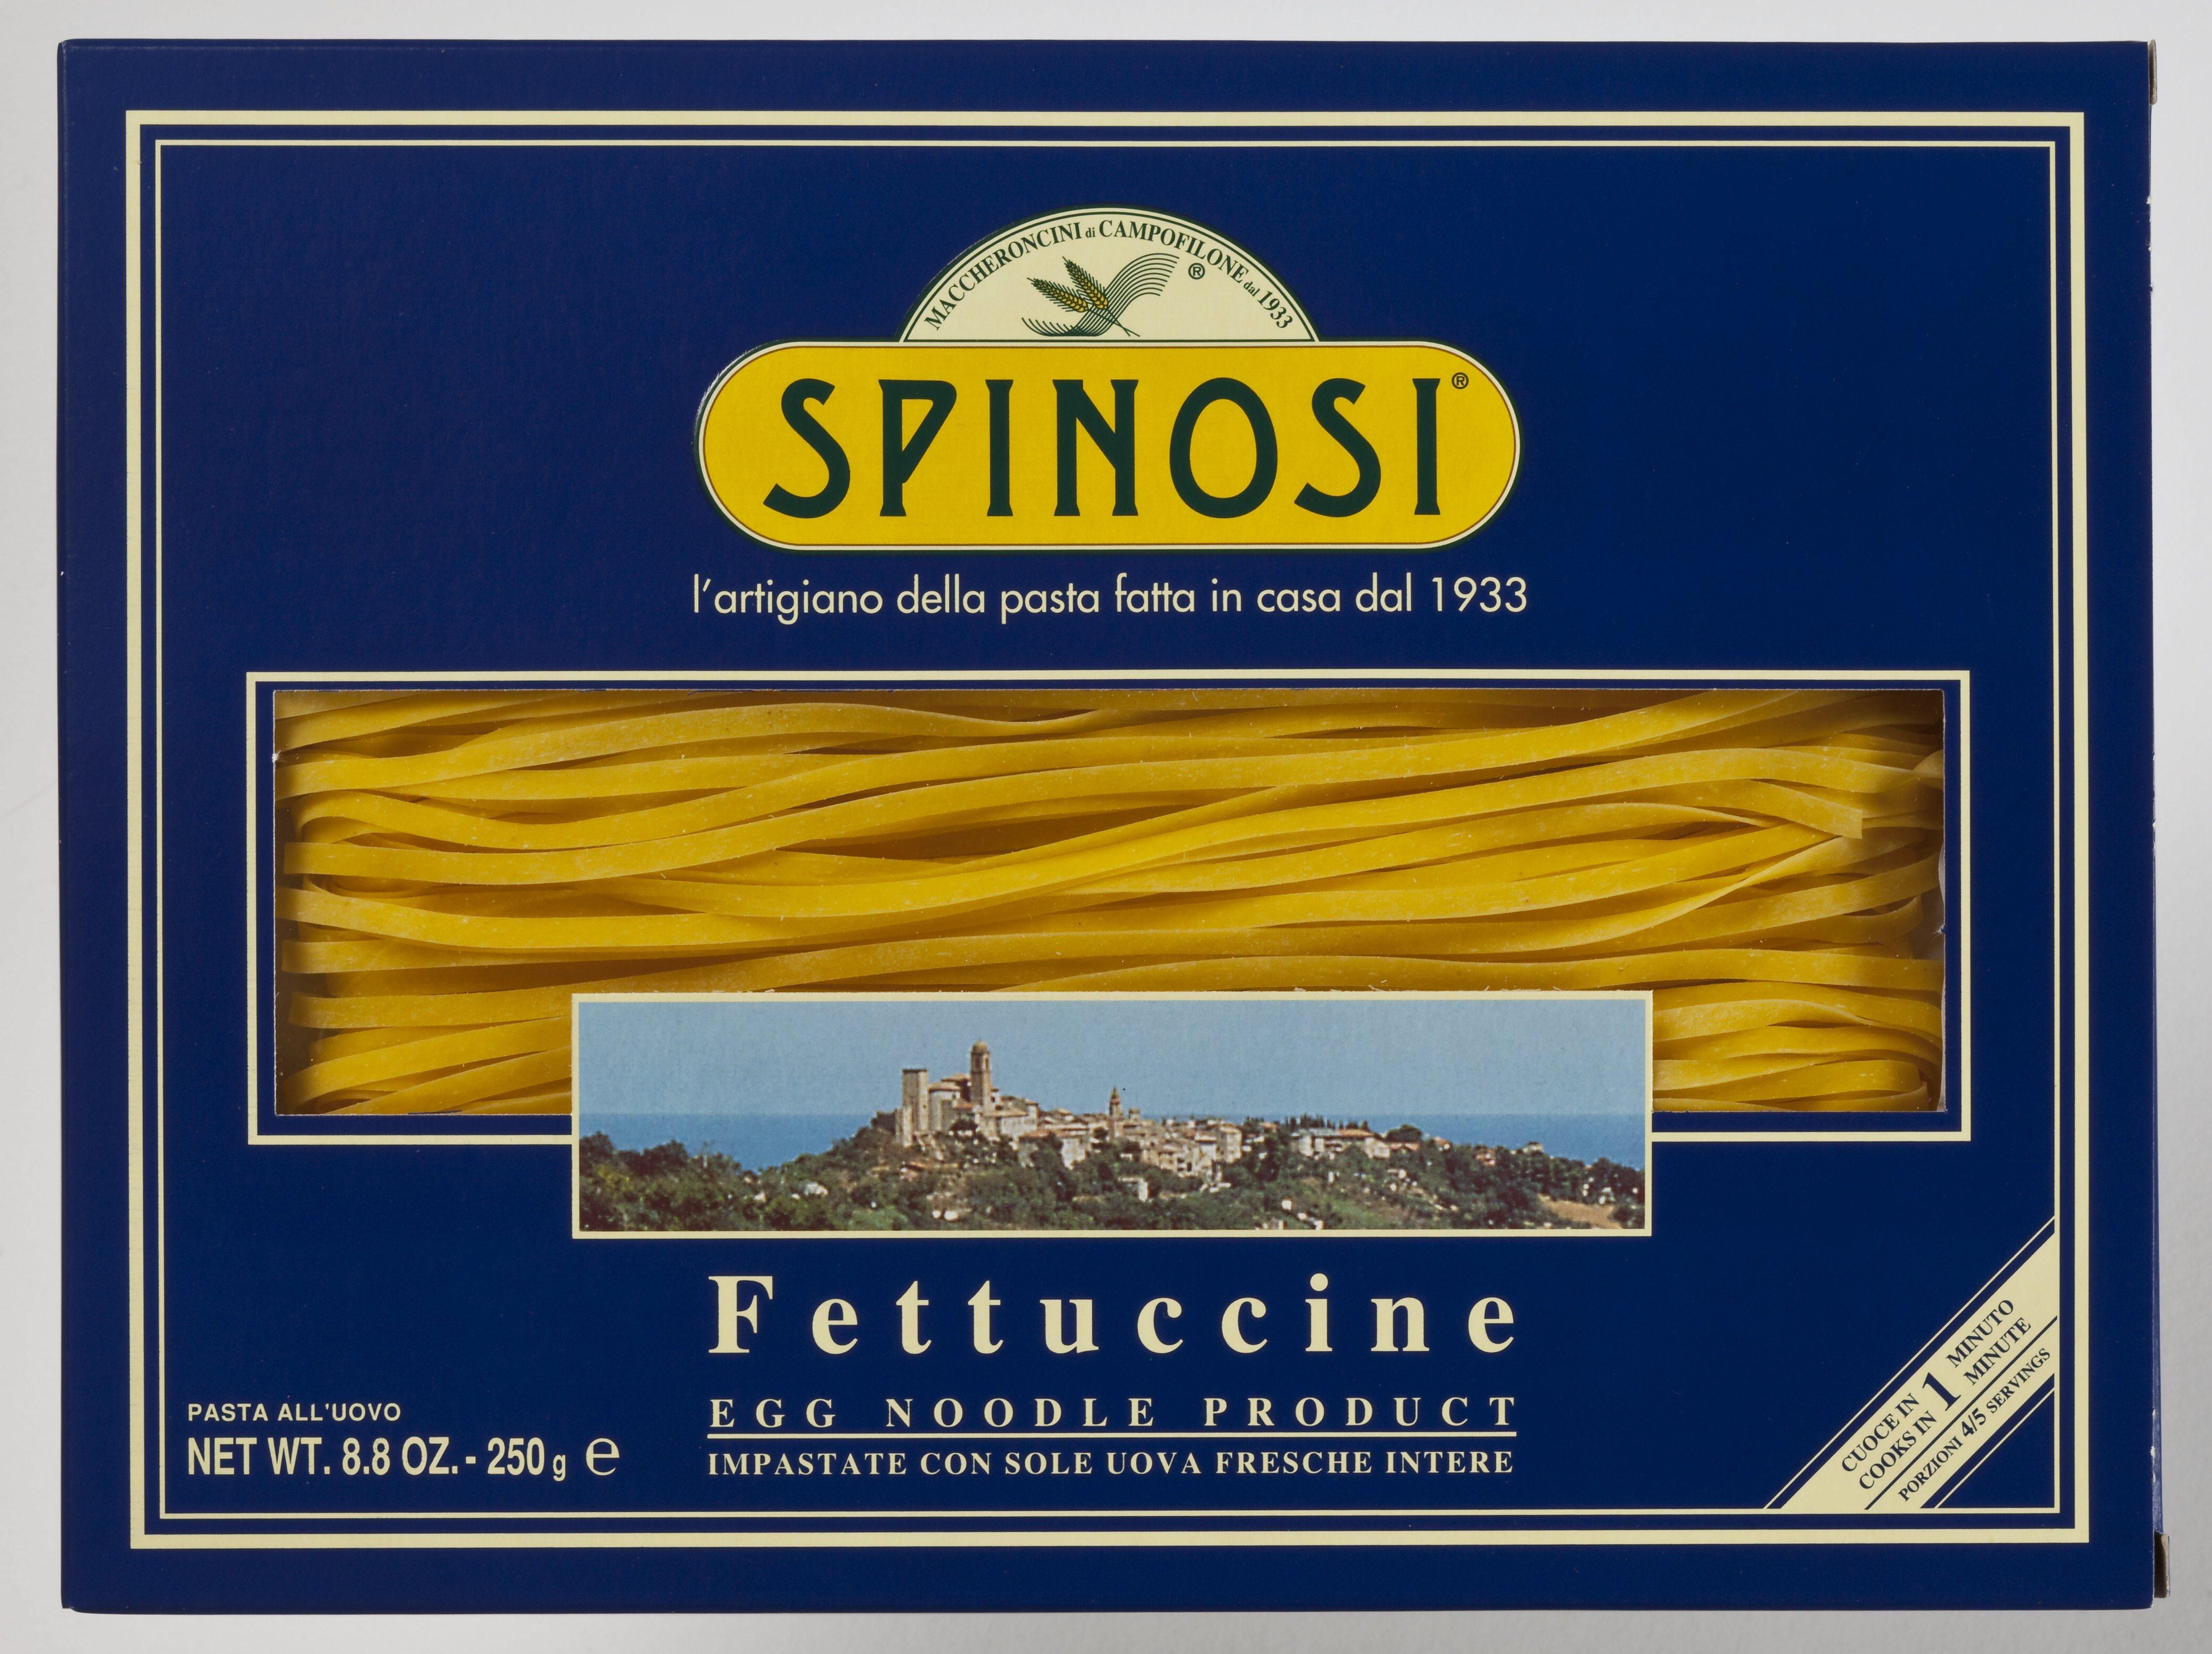 Fettuccine di Campofilone 250 g Spinosi